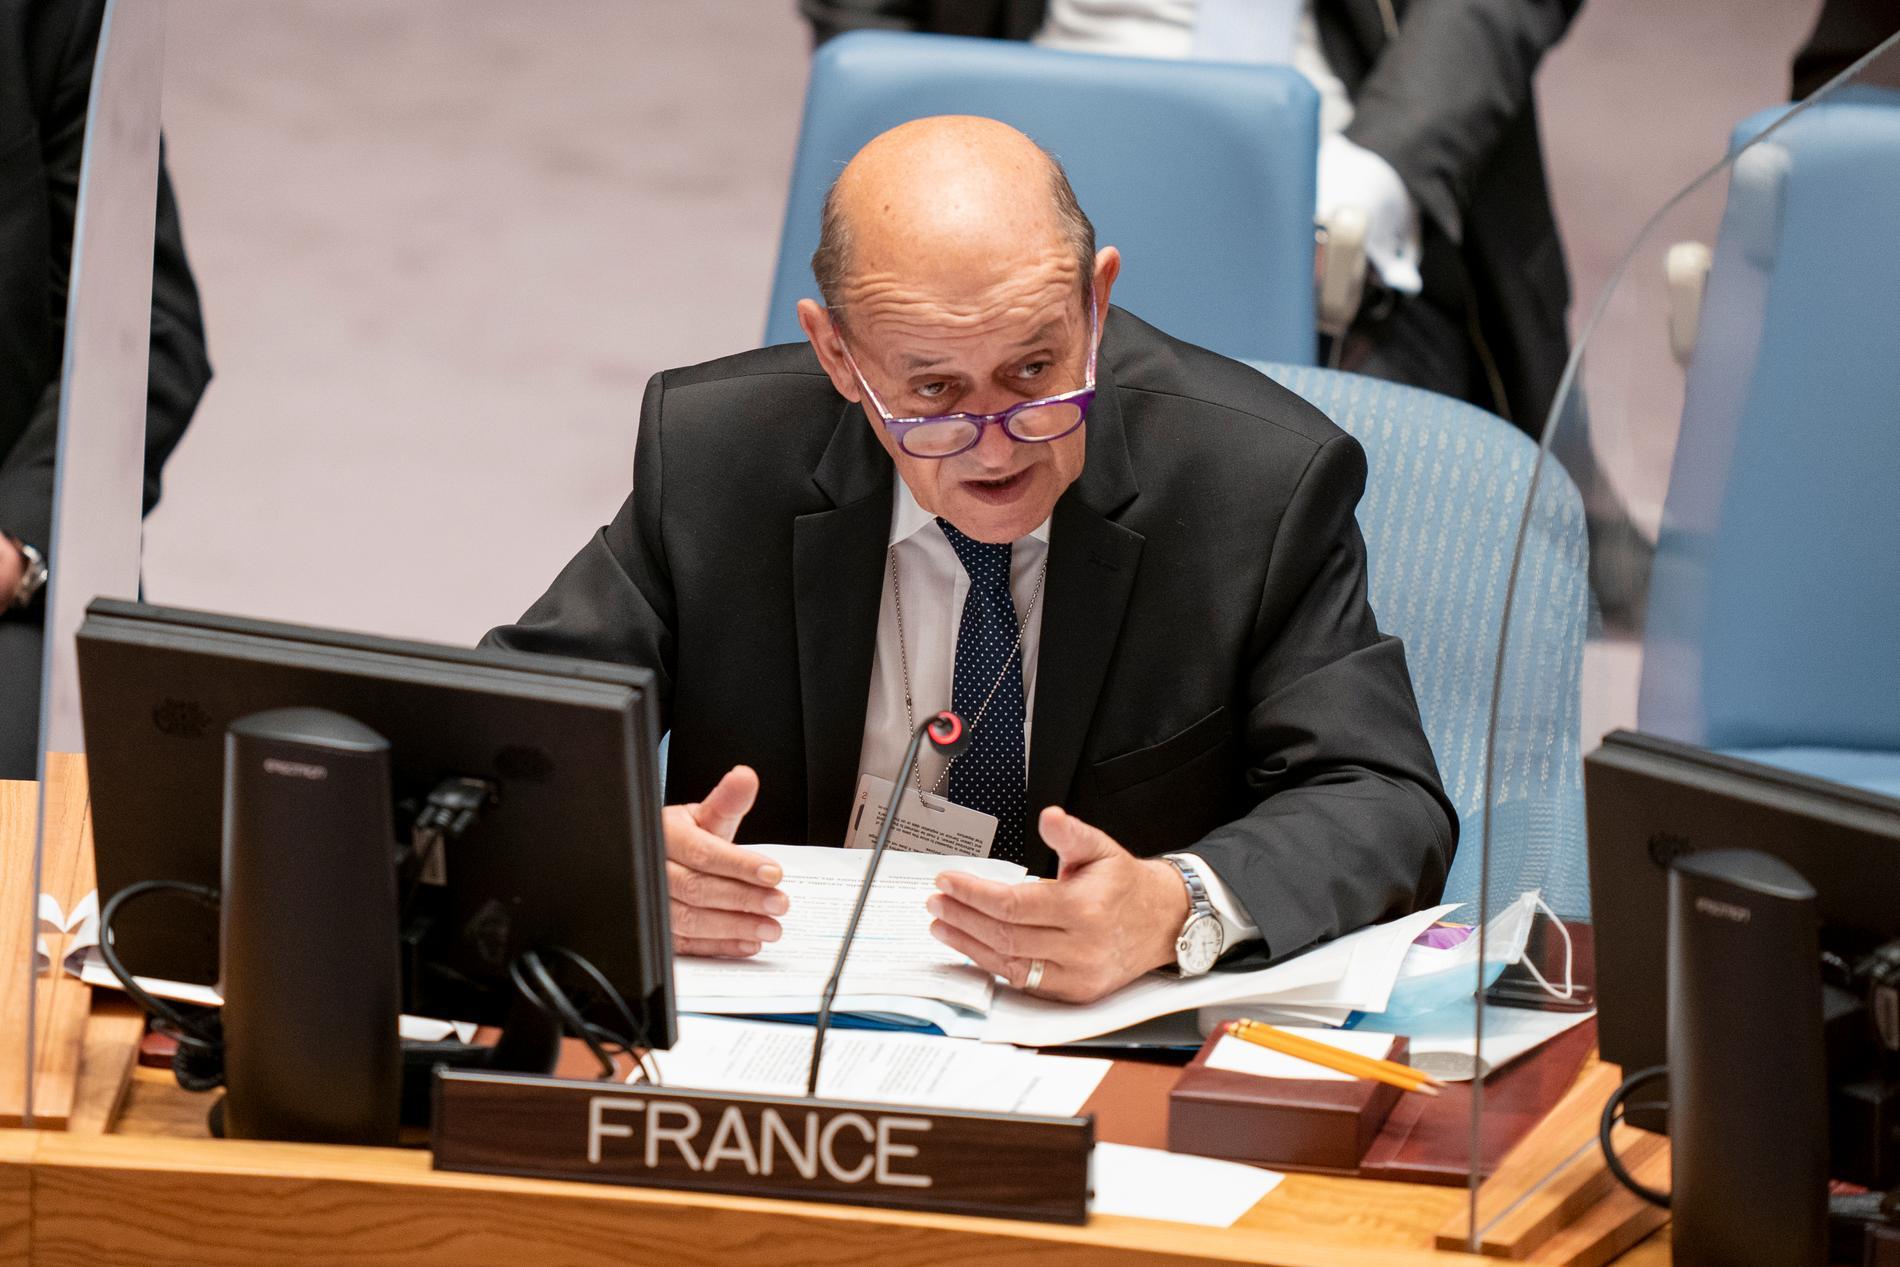 Frankrikes utrikesminister Jean-Yves Le Drian vid ett möte i FN.